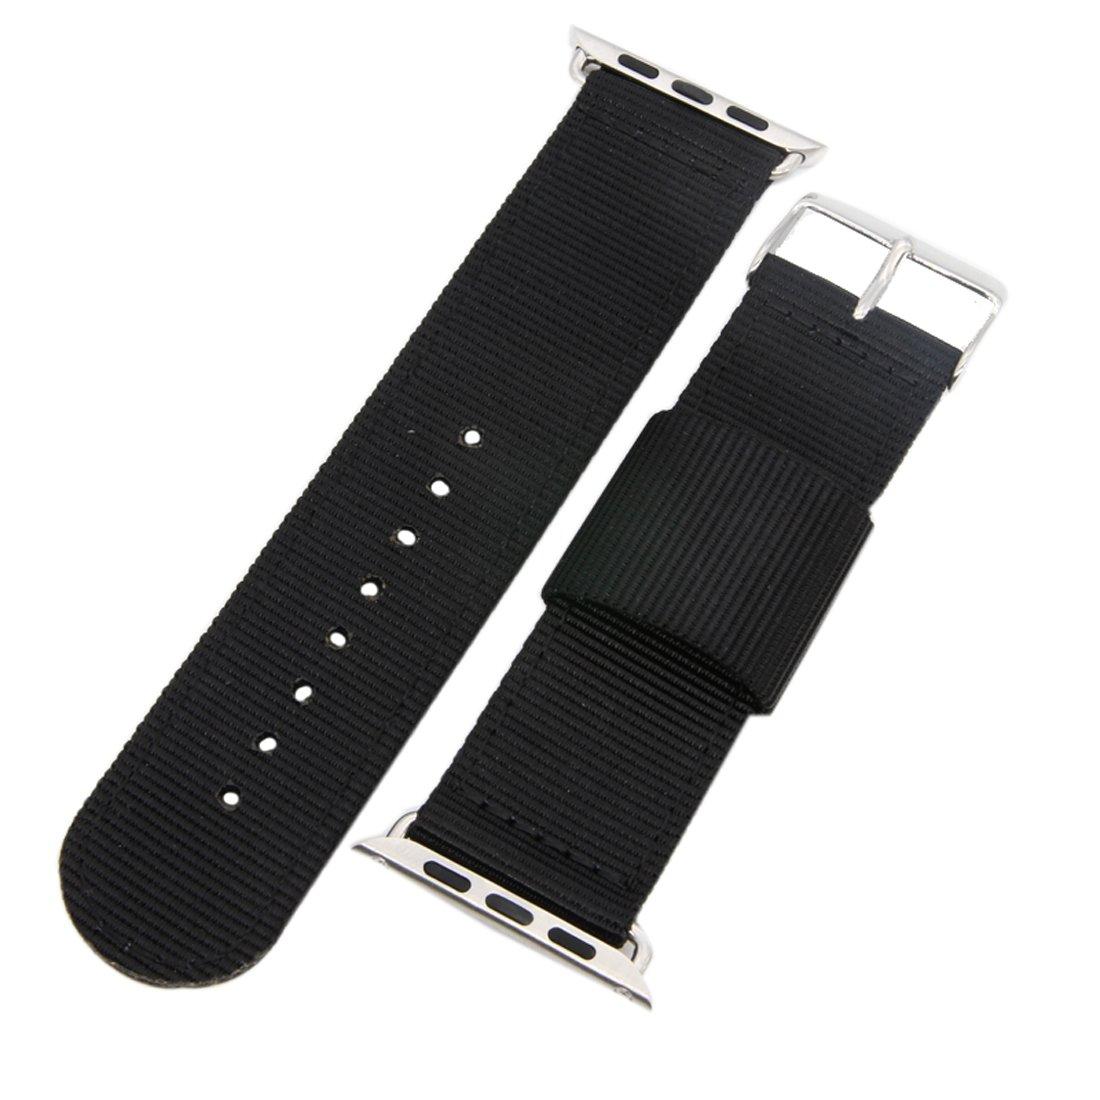 ハイエンド快適編みナイロン時計バンドストラップfor Apple Watchシリーズ1 / 2 / 3 Sport Editionブラック 42mm black with silver buckle 42mm black with silver buckle black with silver buckle 42mm B075N1GNZ7